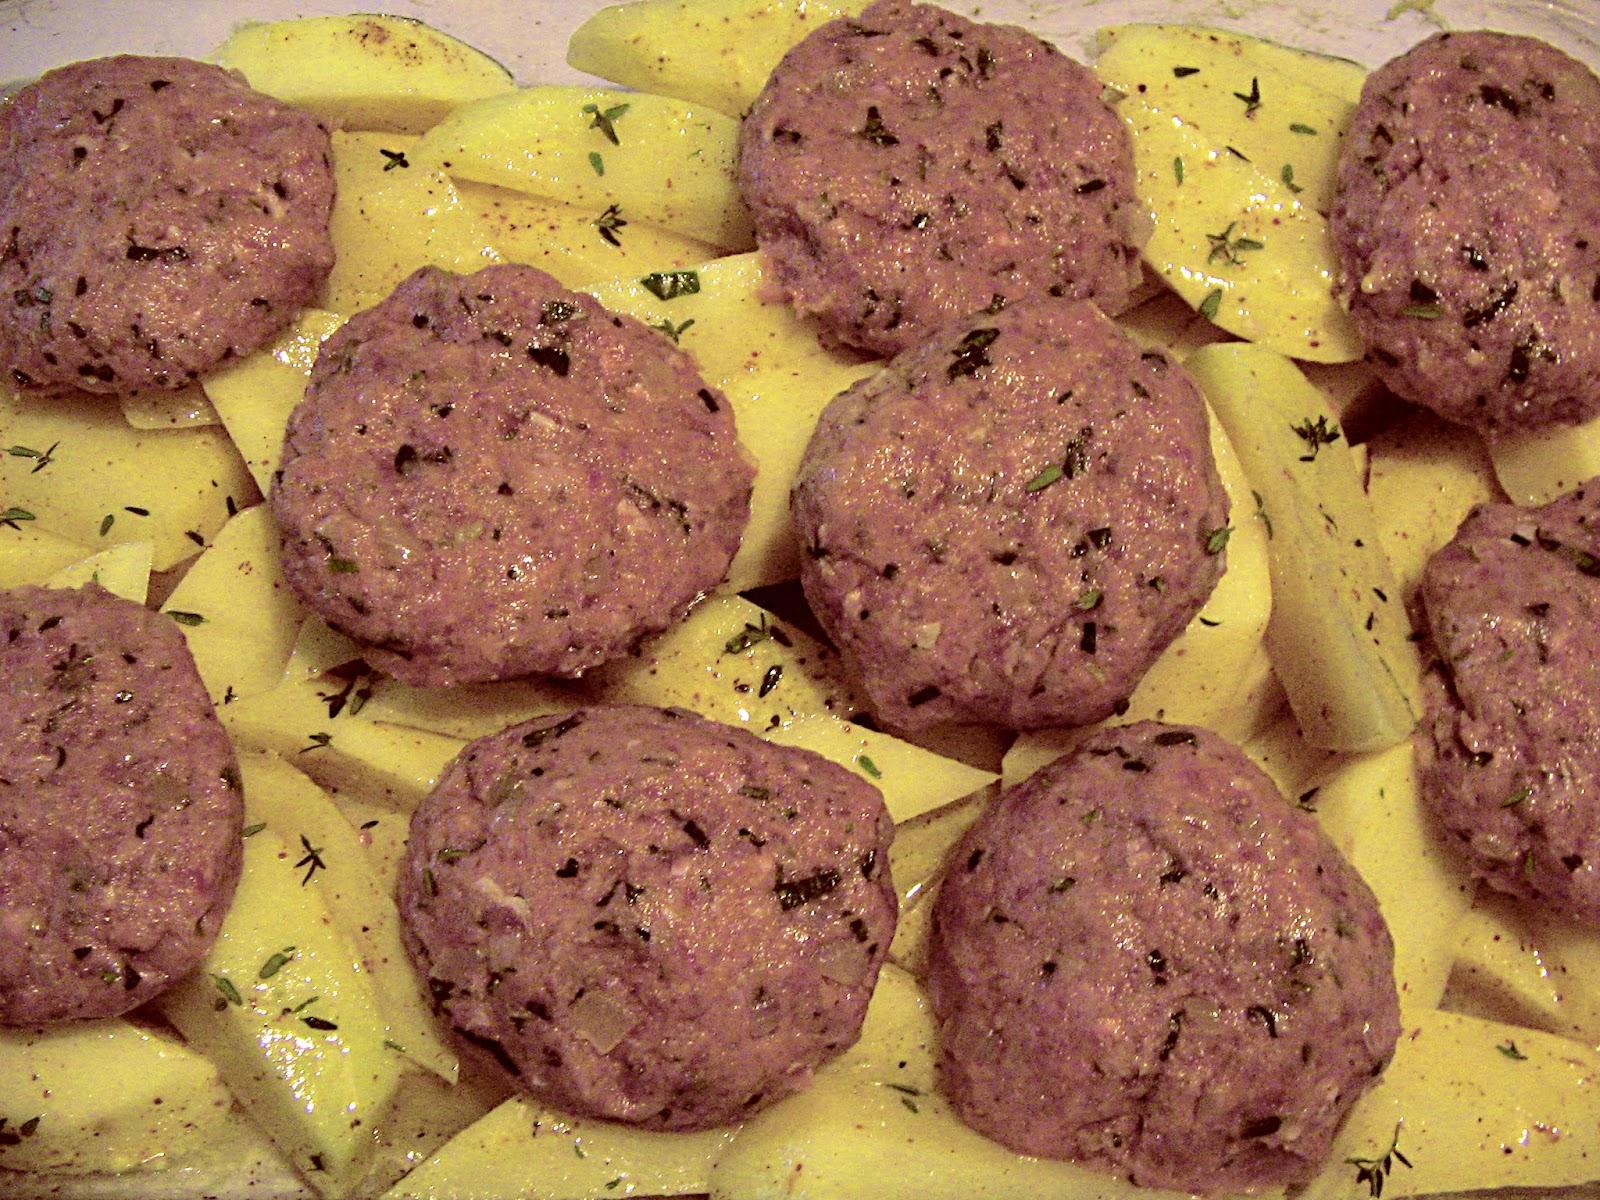 κεφτέδες με πατάτες στο φούρνο